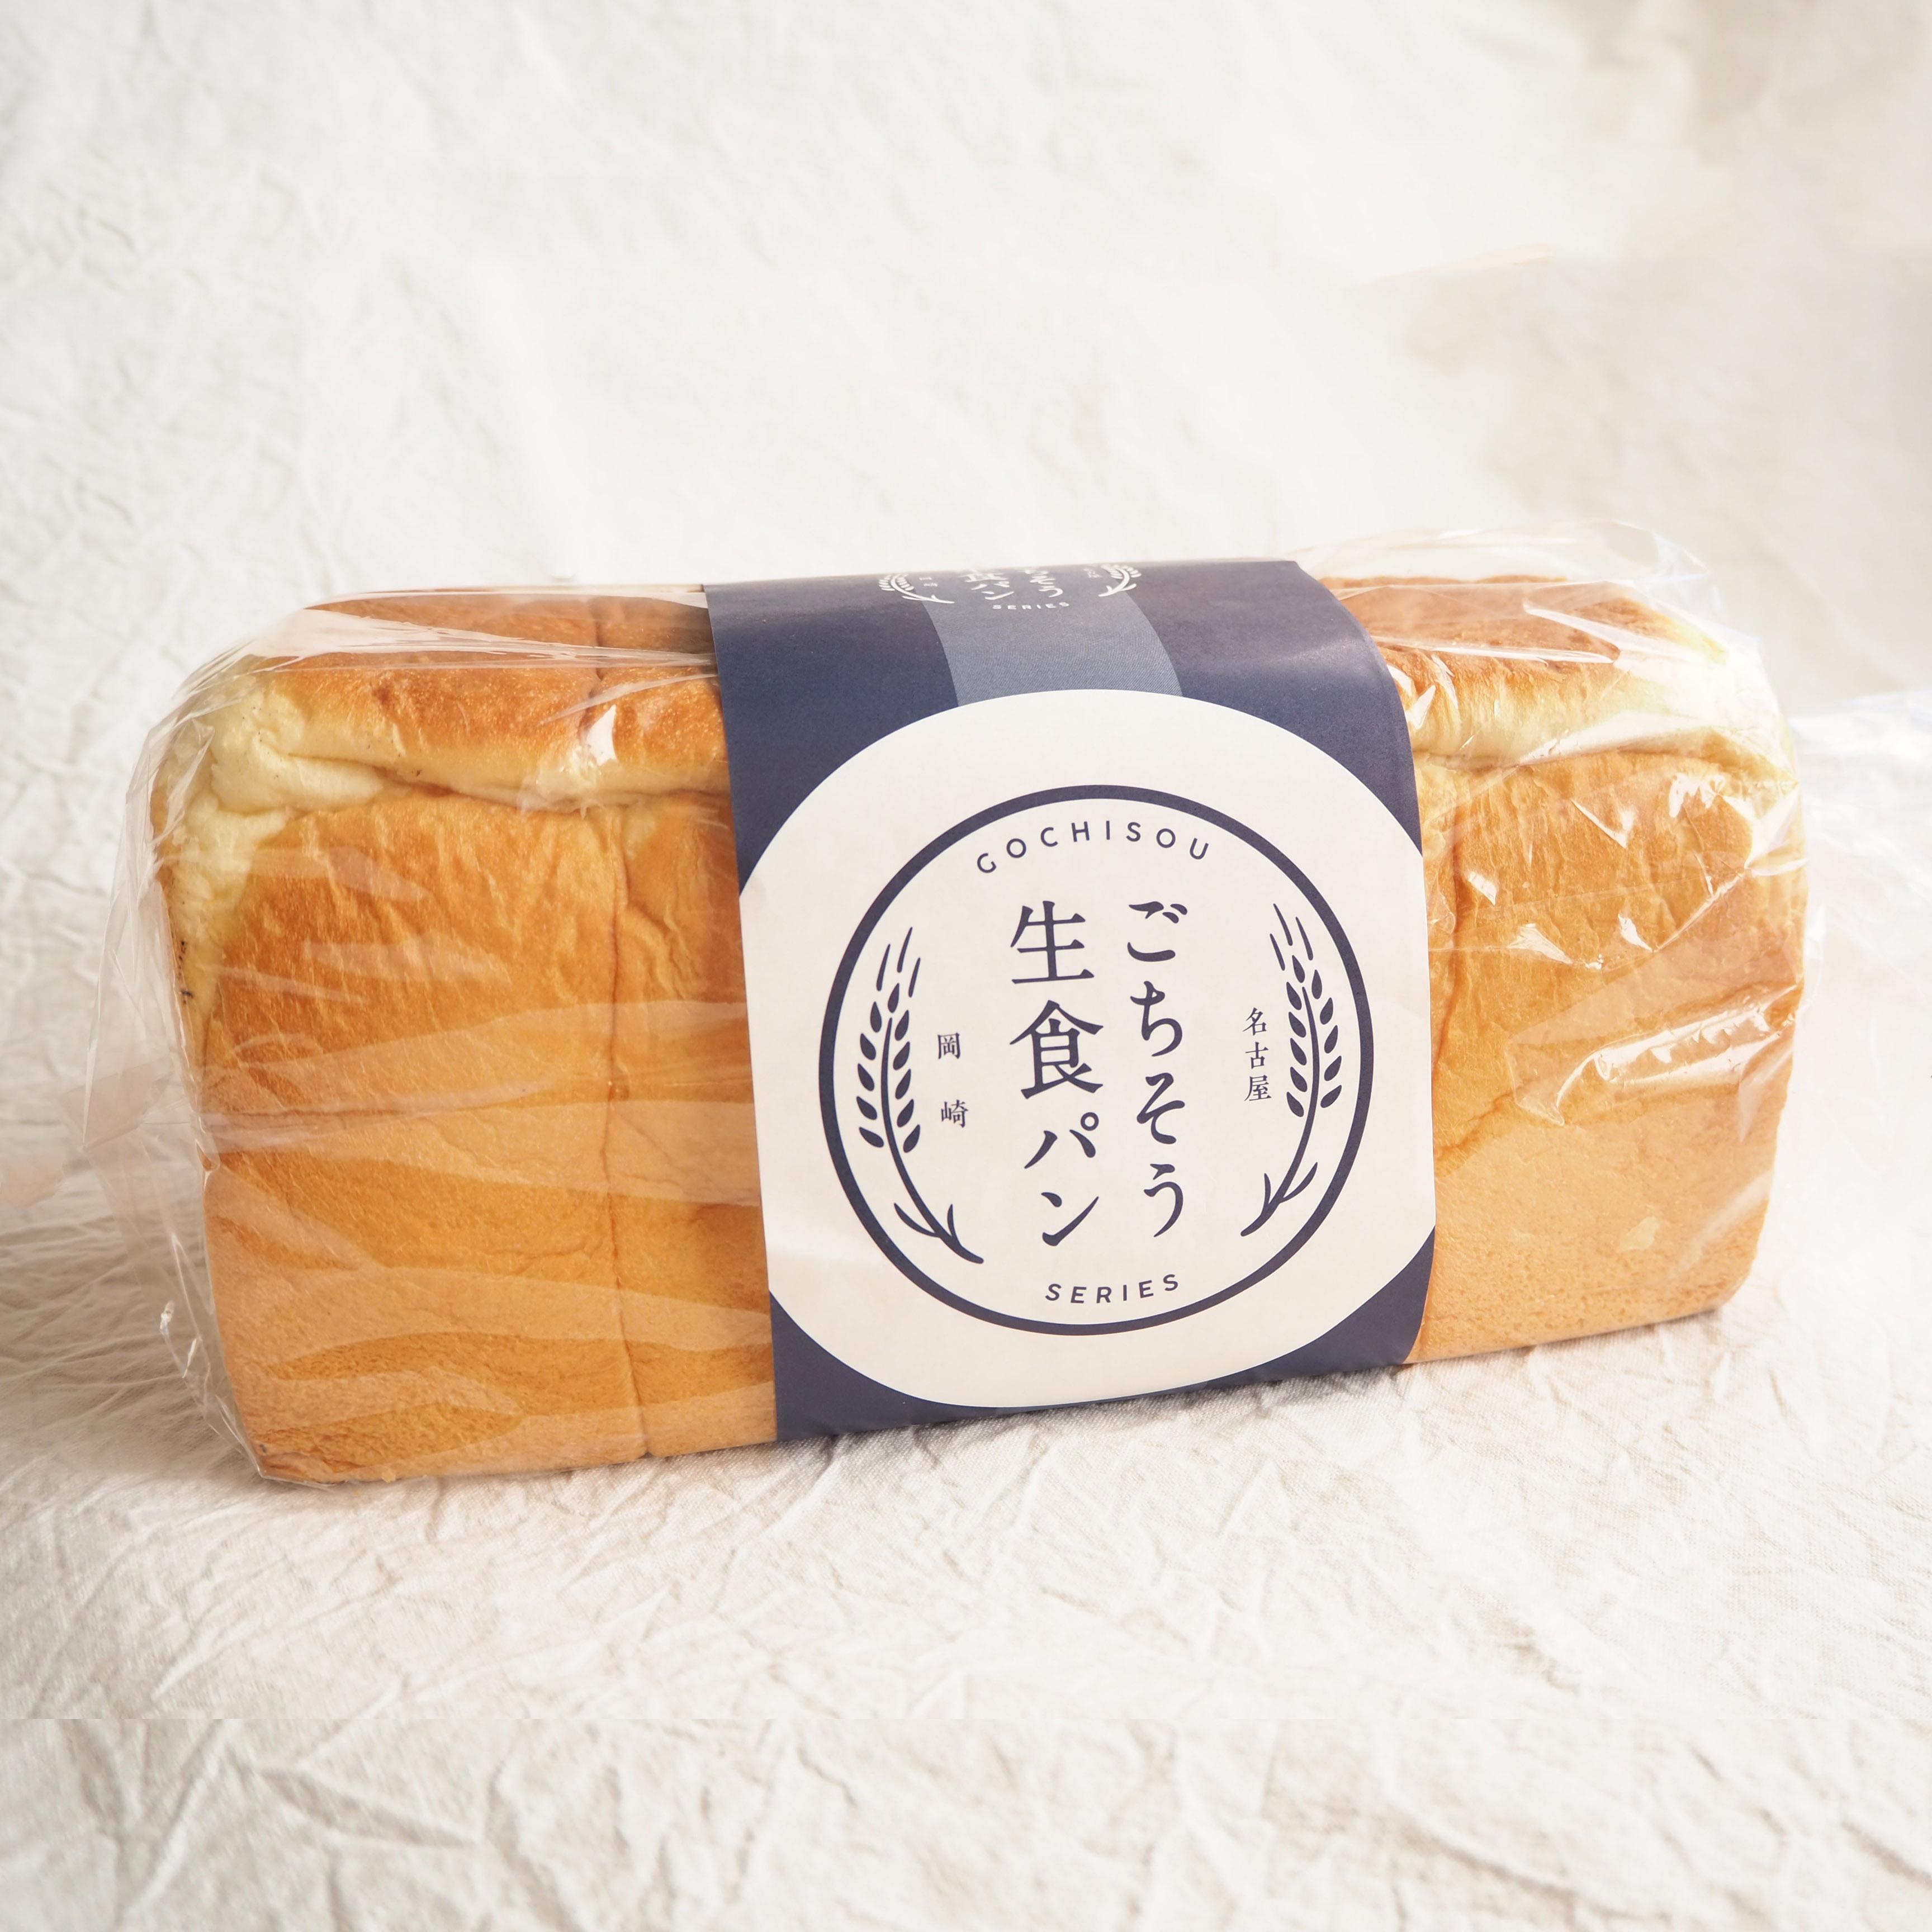 ごちそう生食パン 1本(2斤サイズ)画像